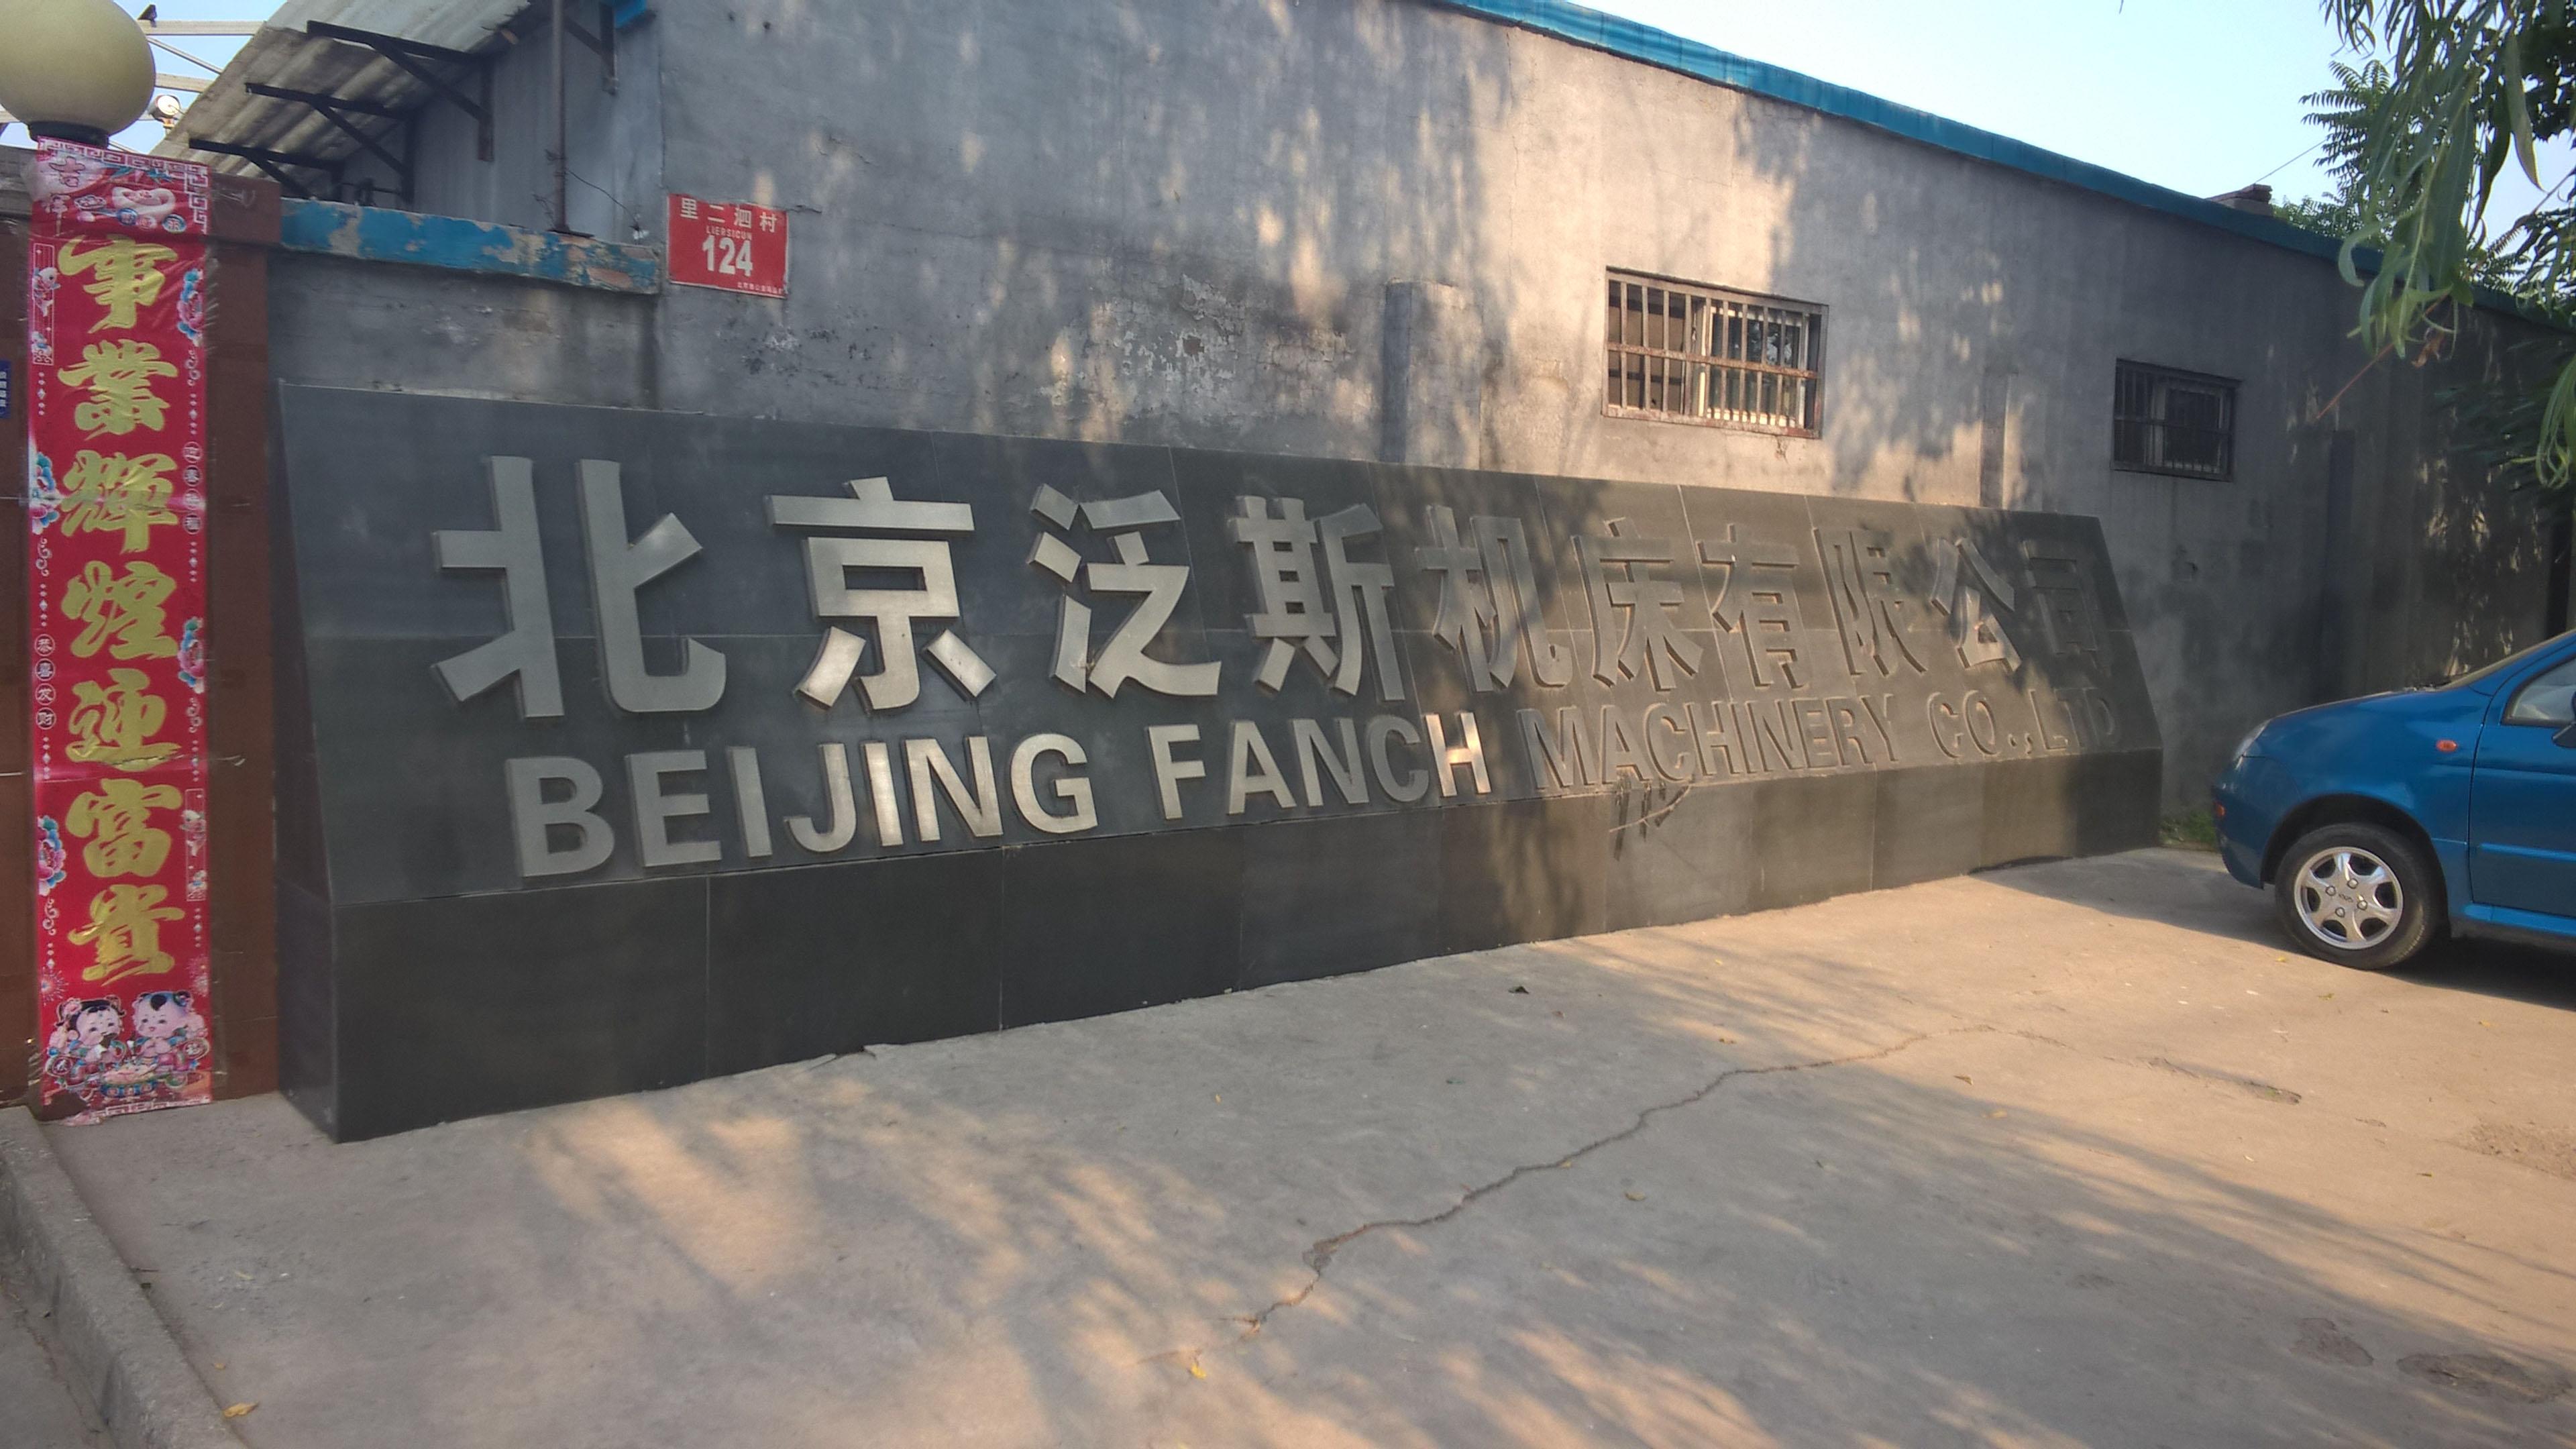 Beijing Fanch Machinery Co.,Ltd Main Image